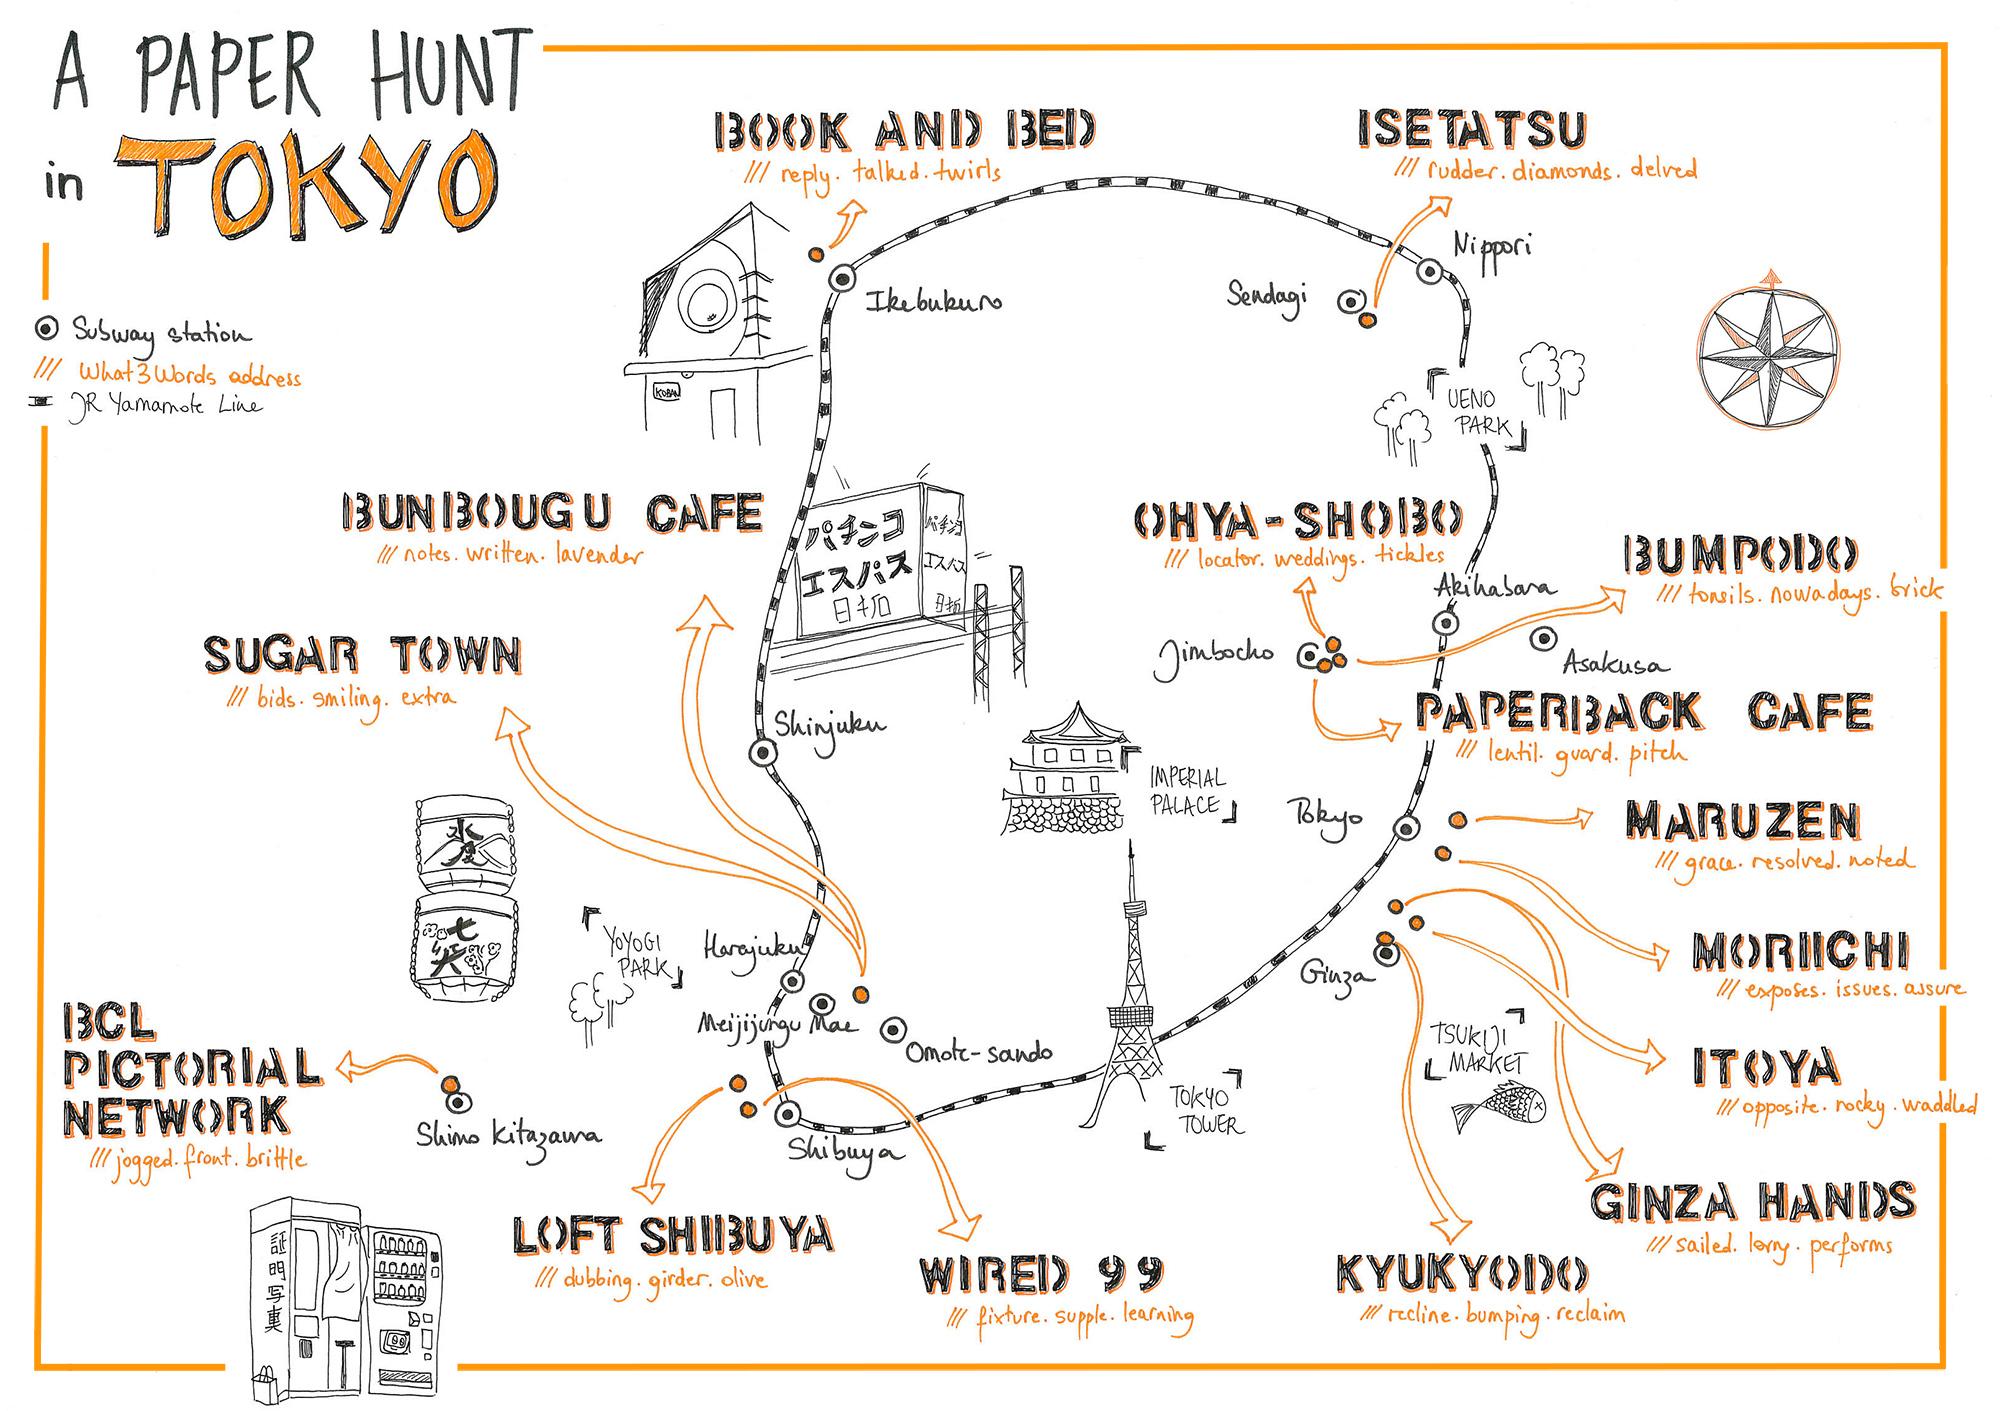 A Paper Hunt in Tokyo